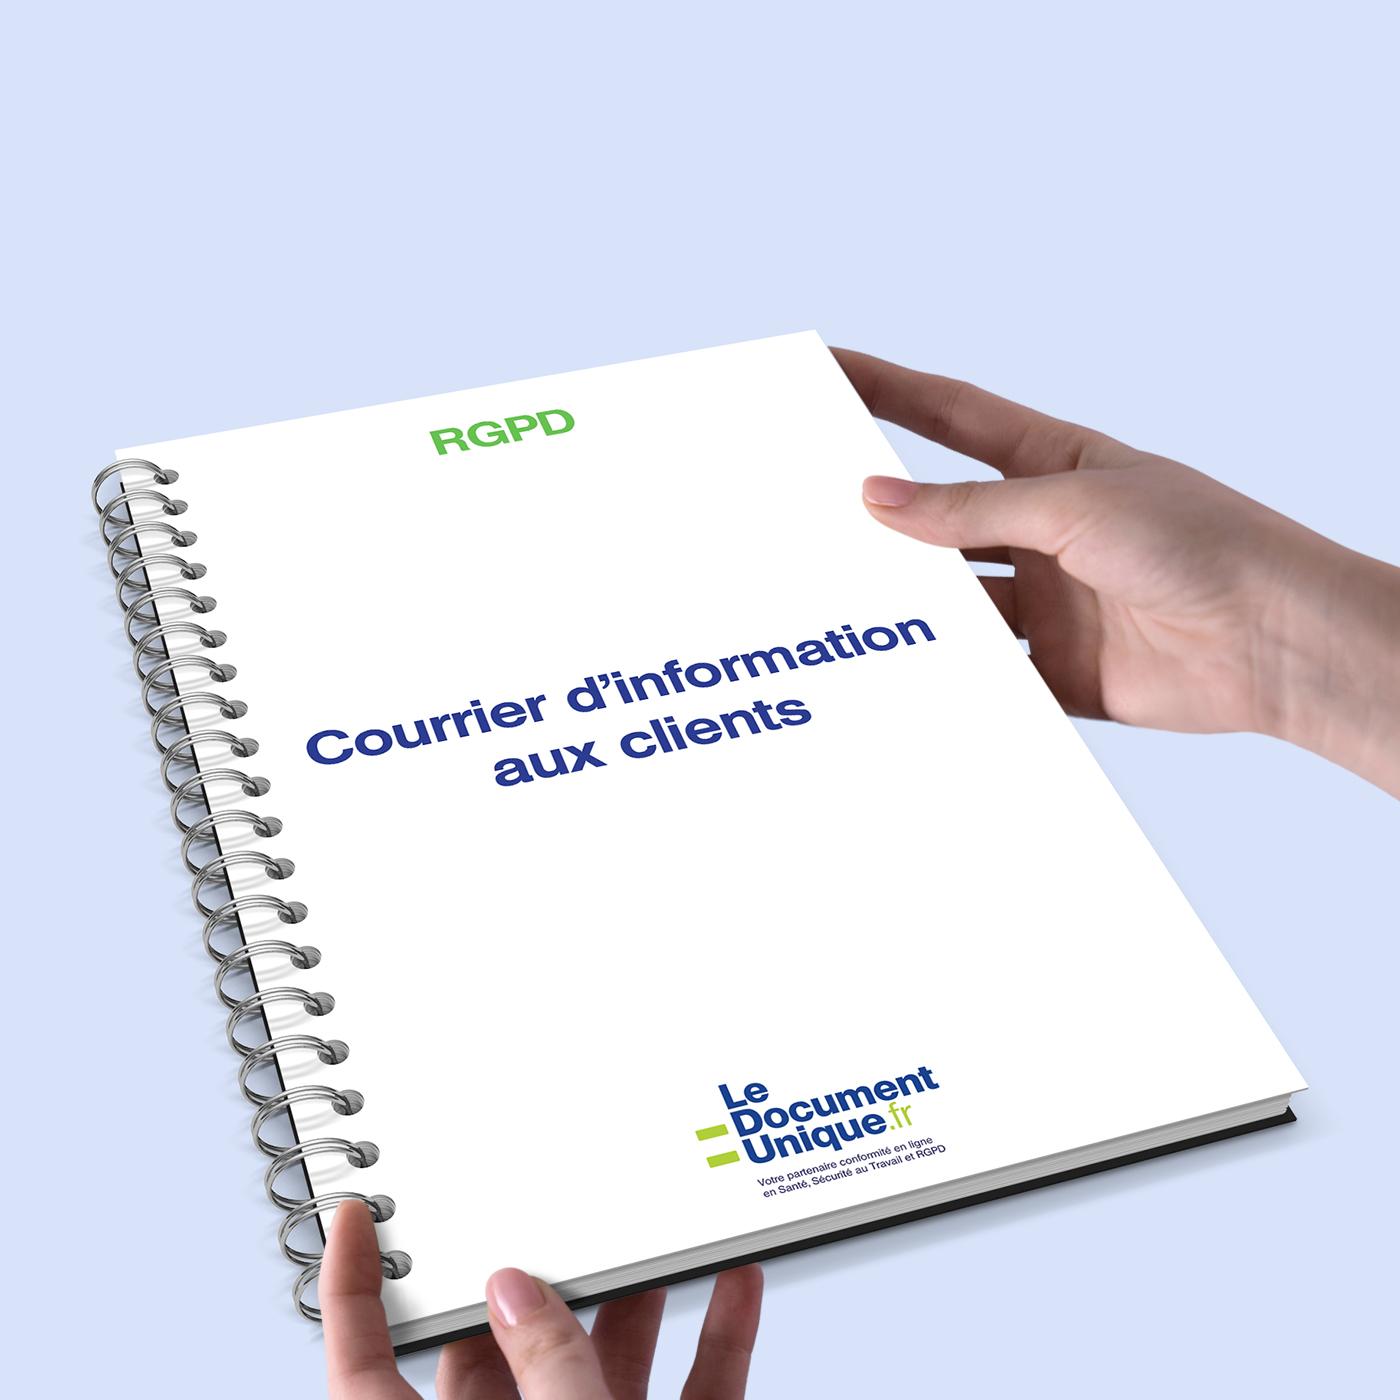 courrier d'information aux clients dans le cadre du rgpd